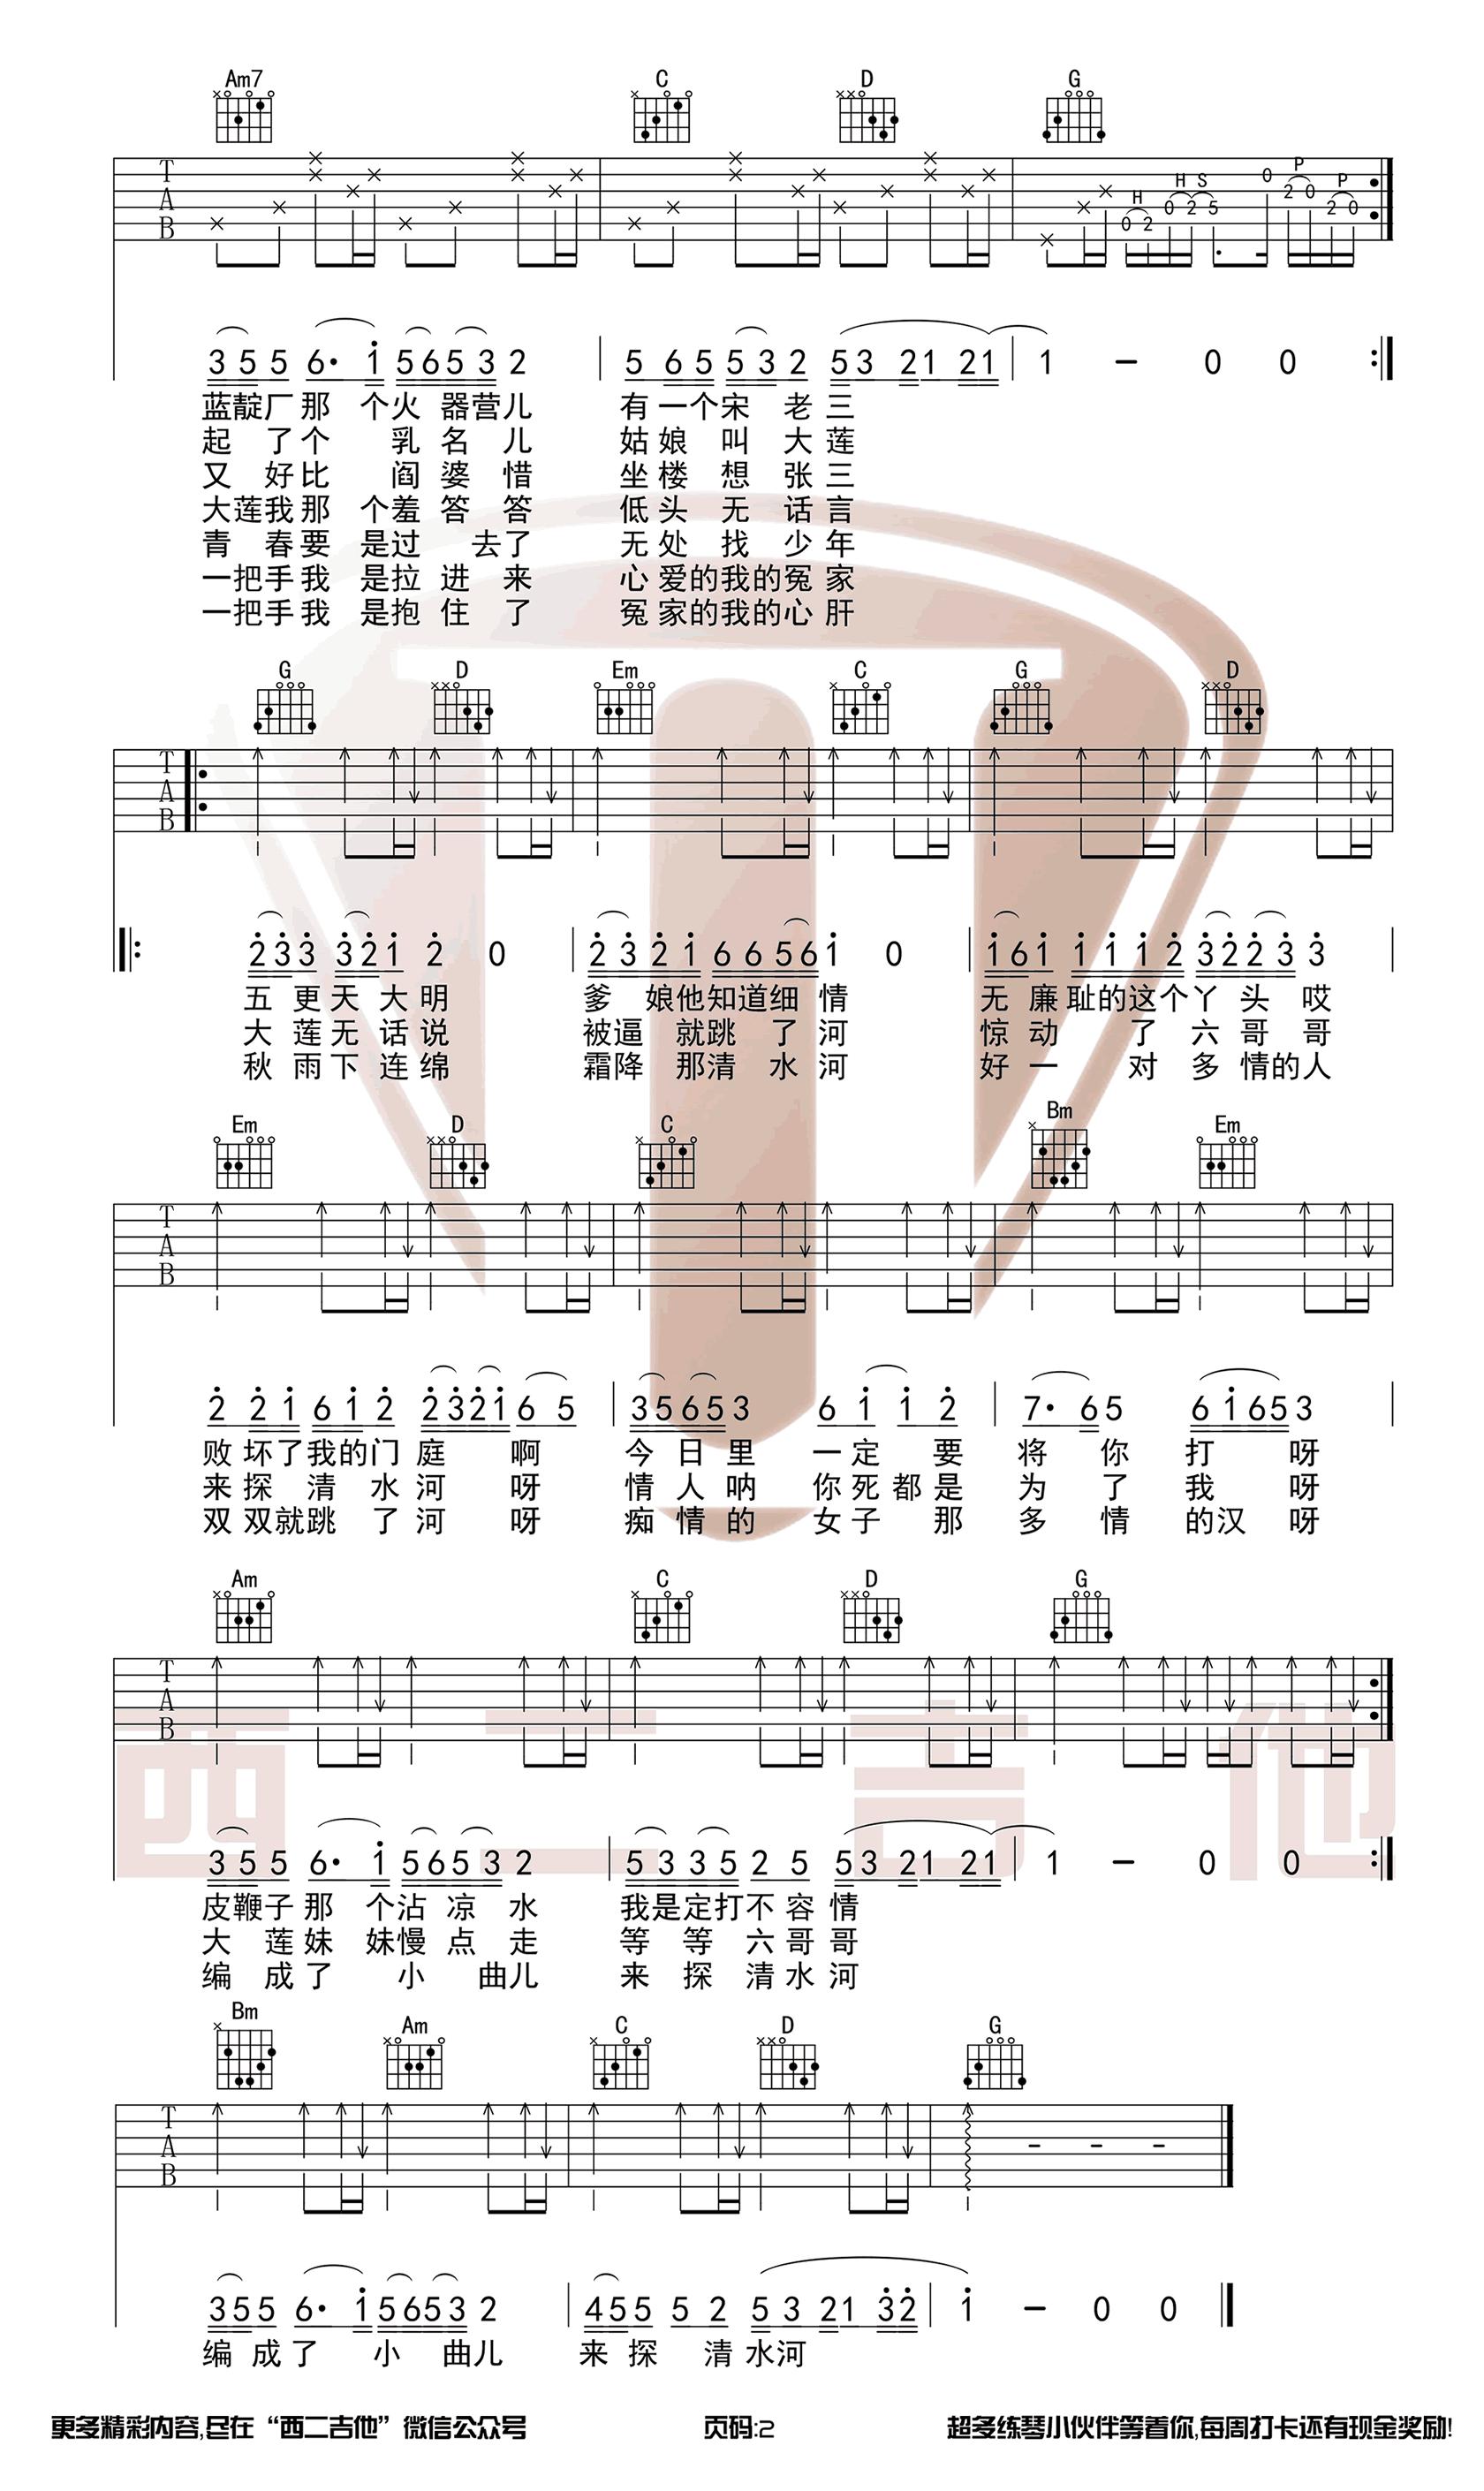 探清水河吉他谱_摩登兄弟版本_弹唱图片谱-吉他谱-C大调音乐网